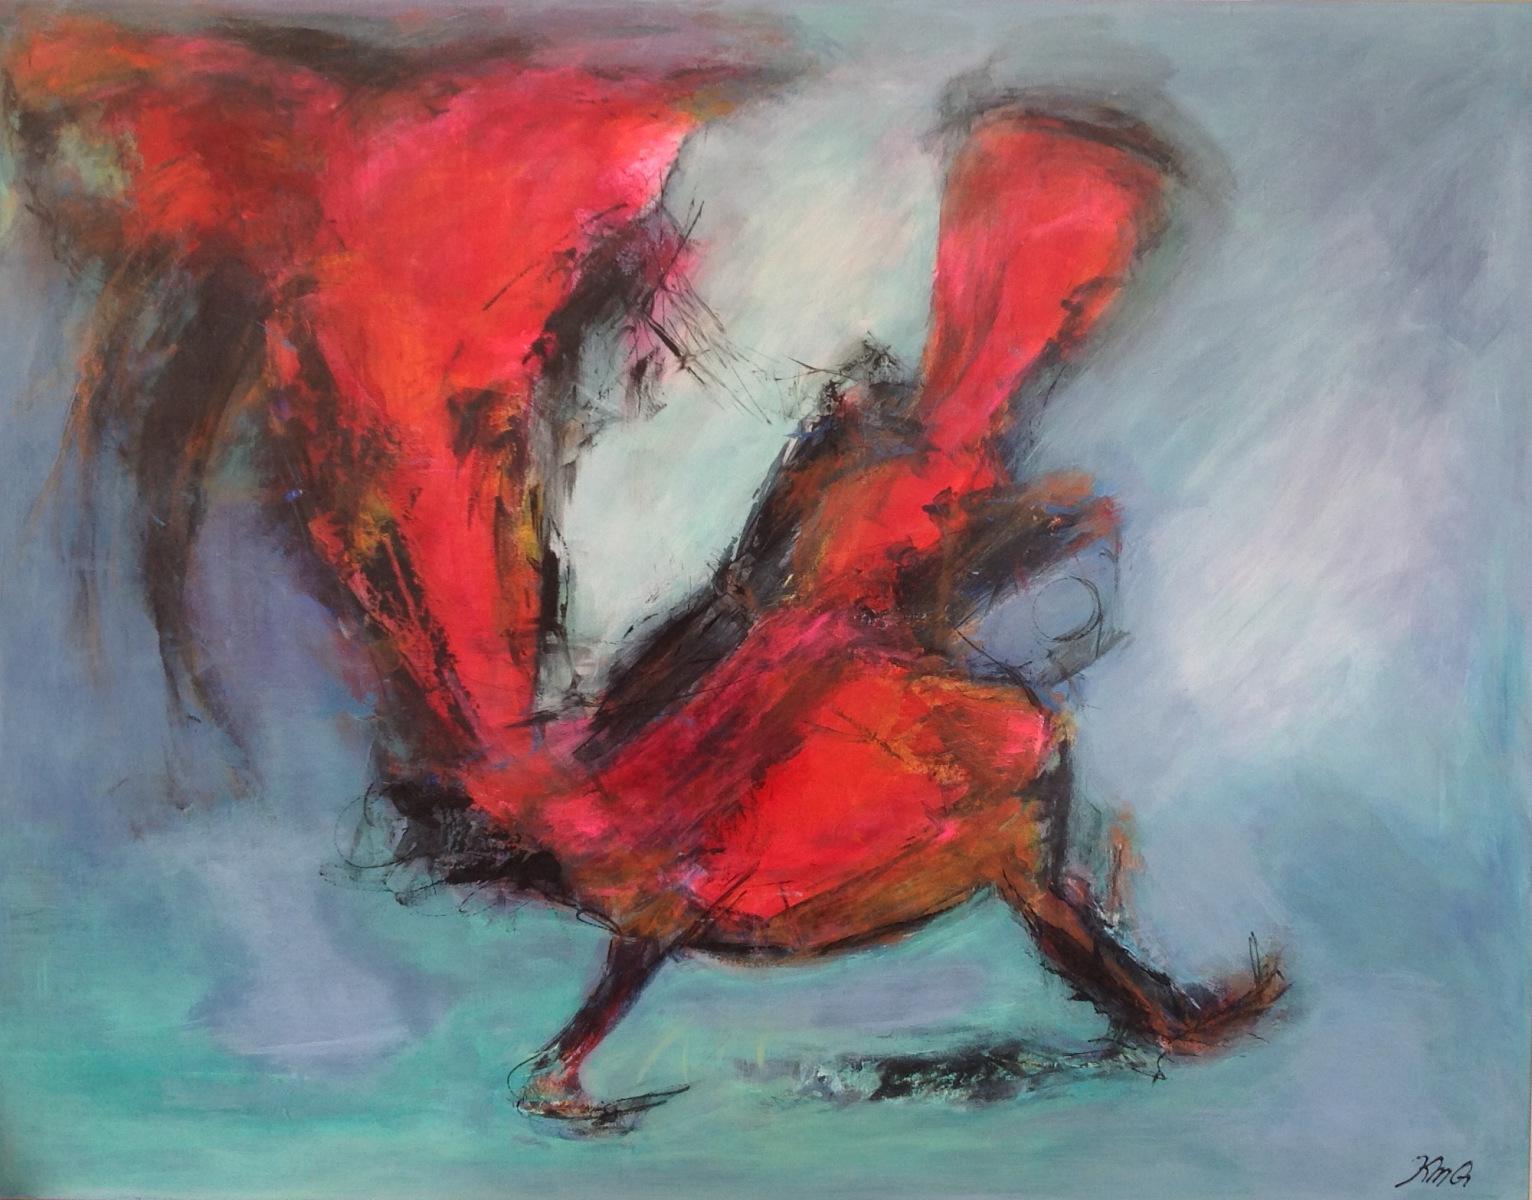 Rødhætte og ulven. 90 x 70 cm